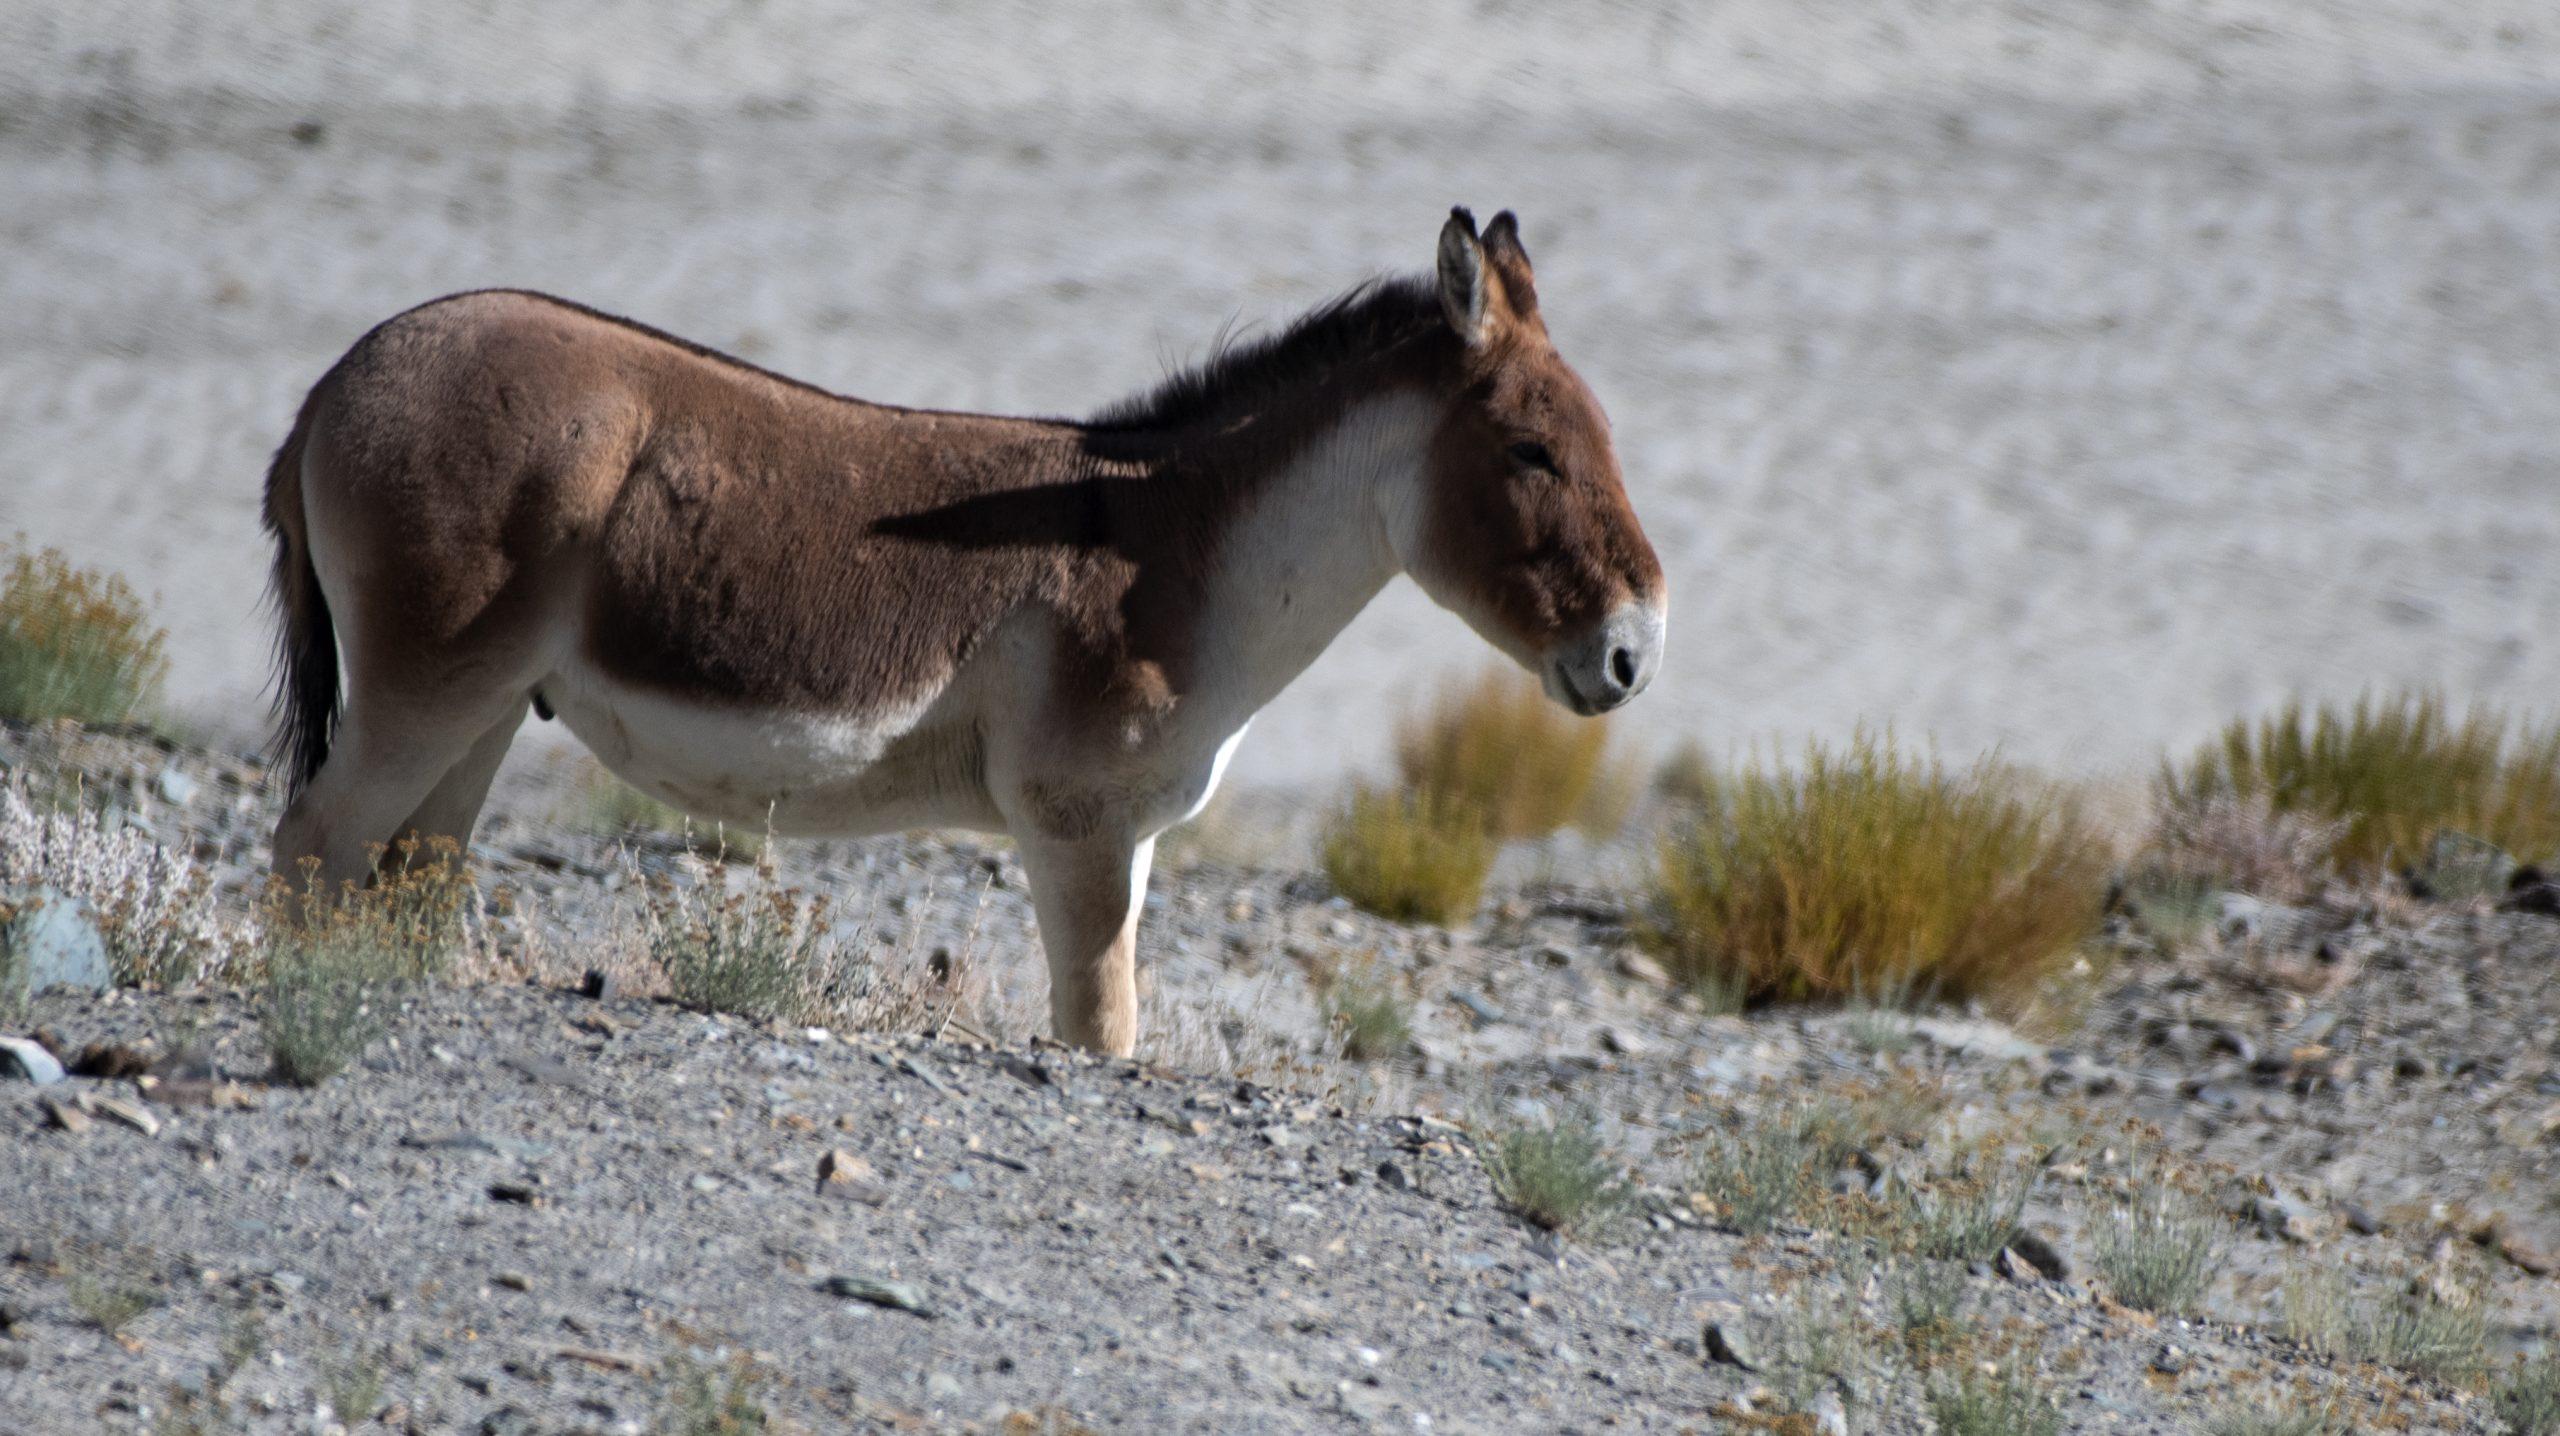 Tibetan wild ass at Ladakh.